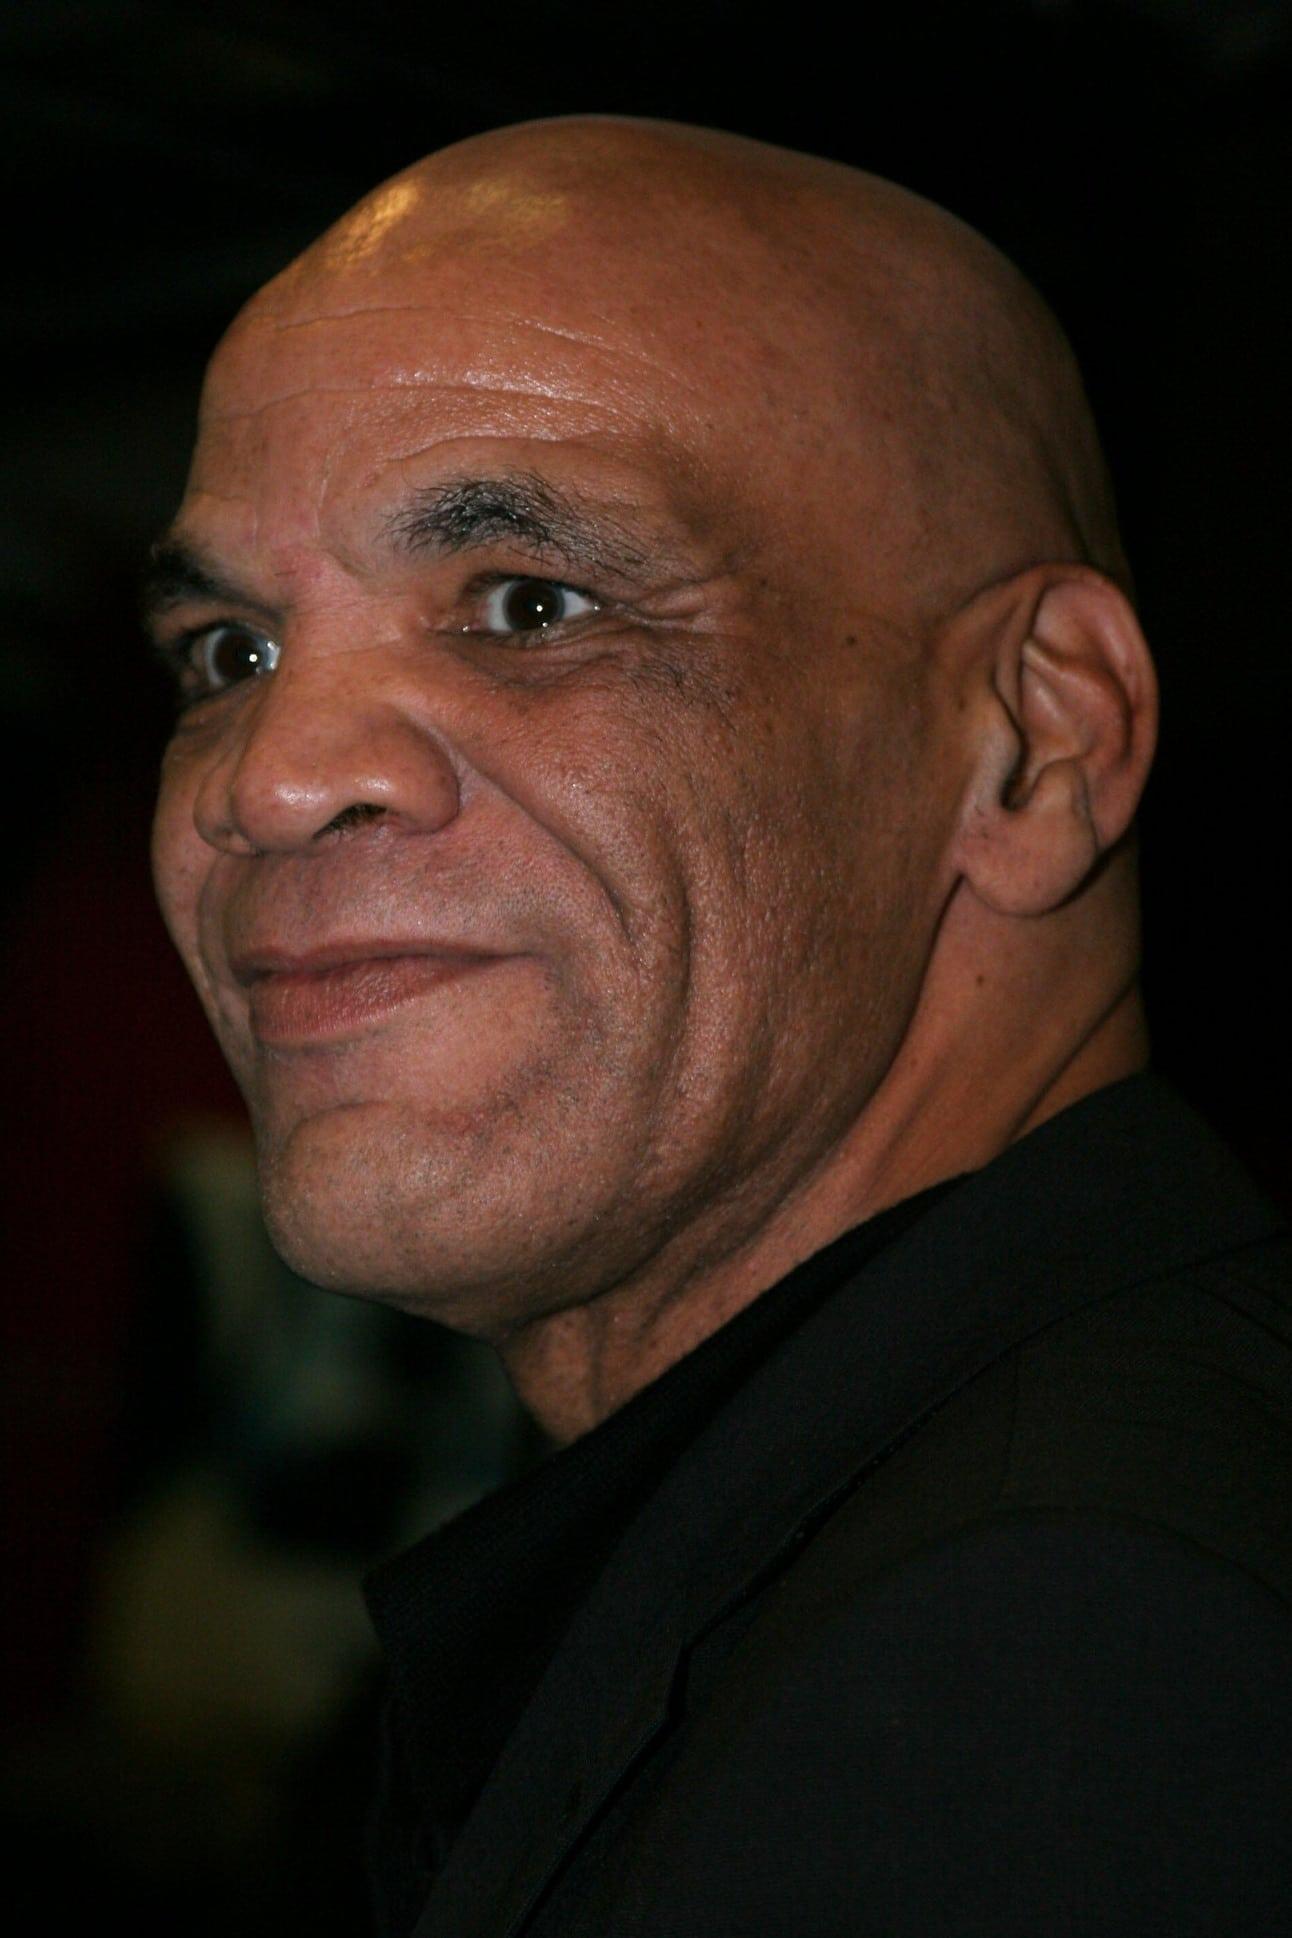 Paul Barber